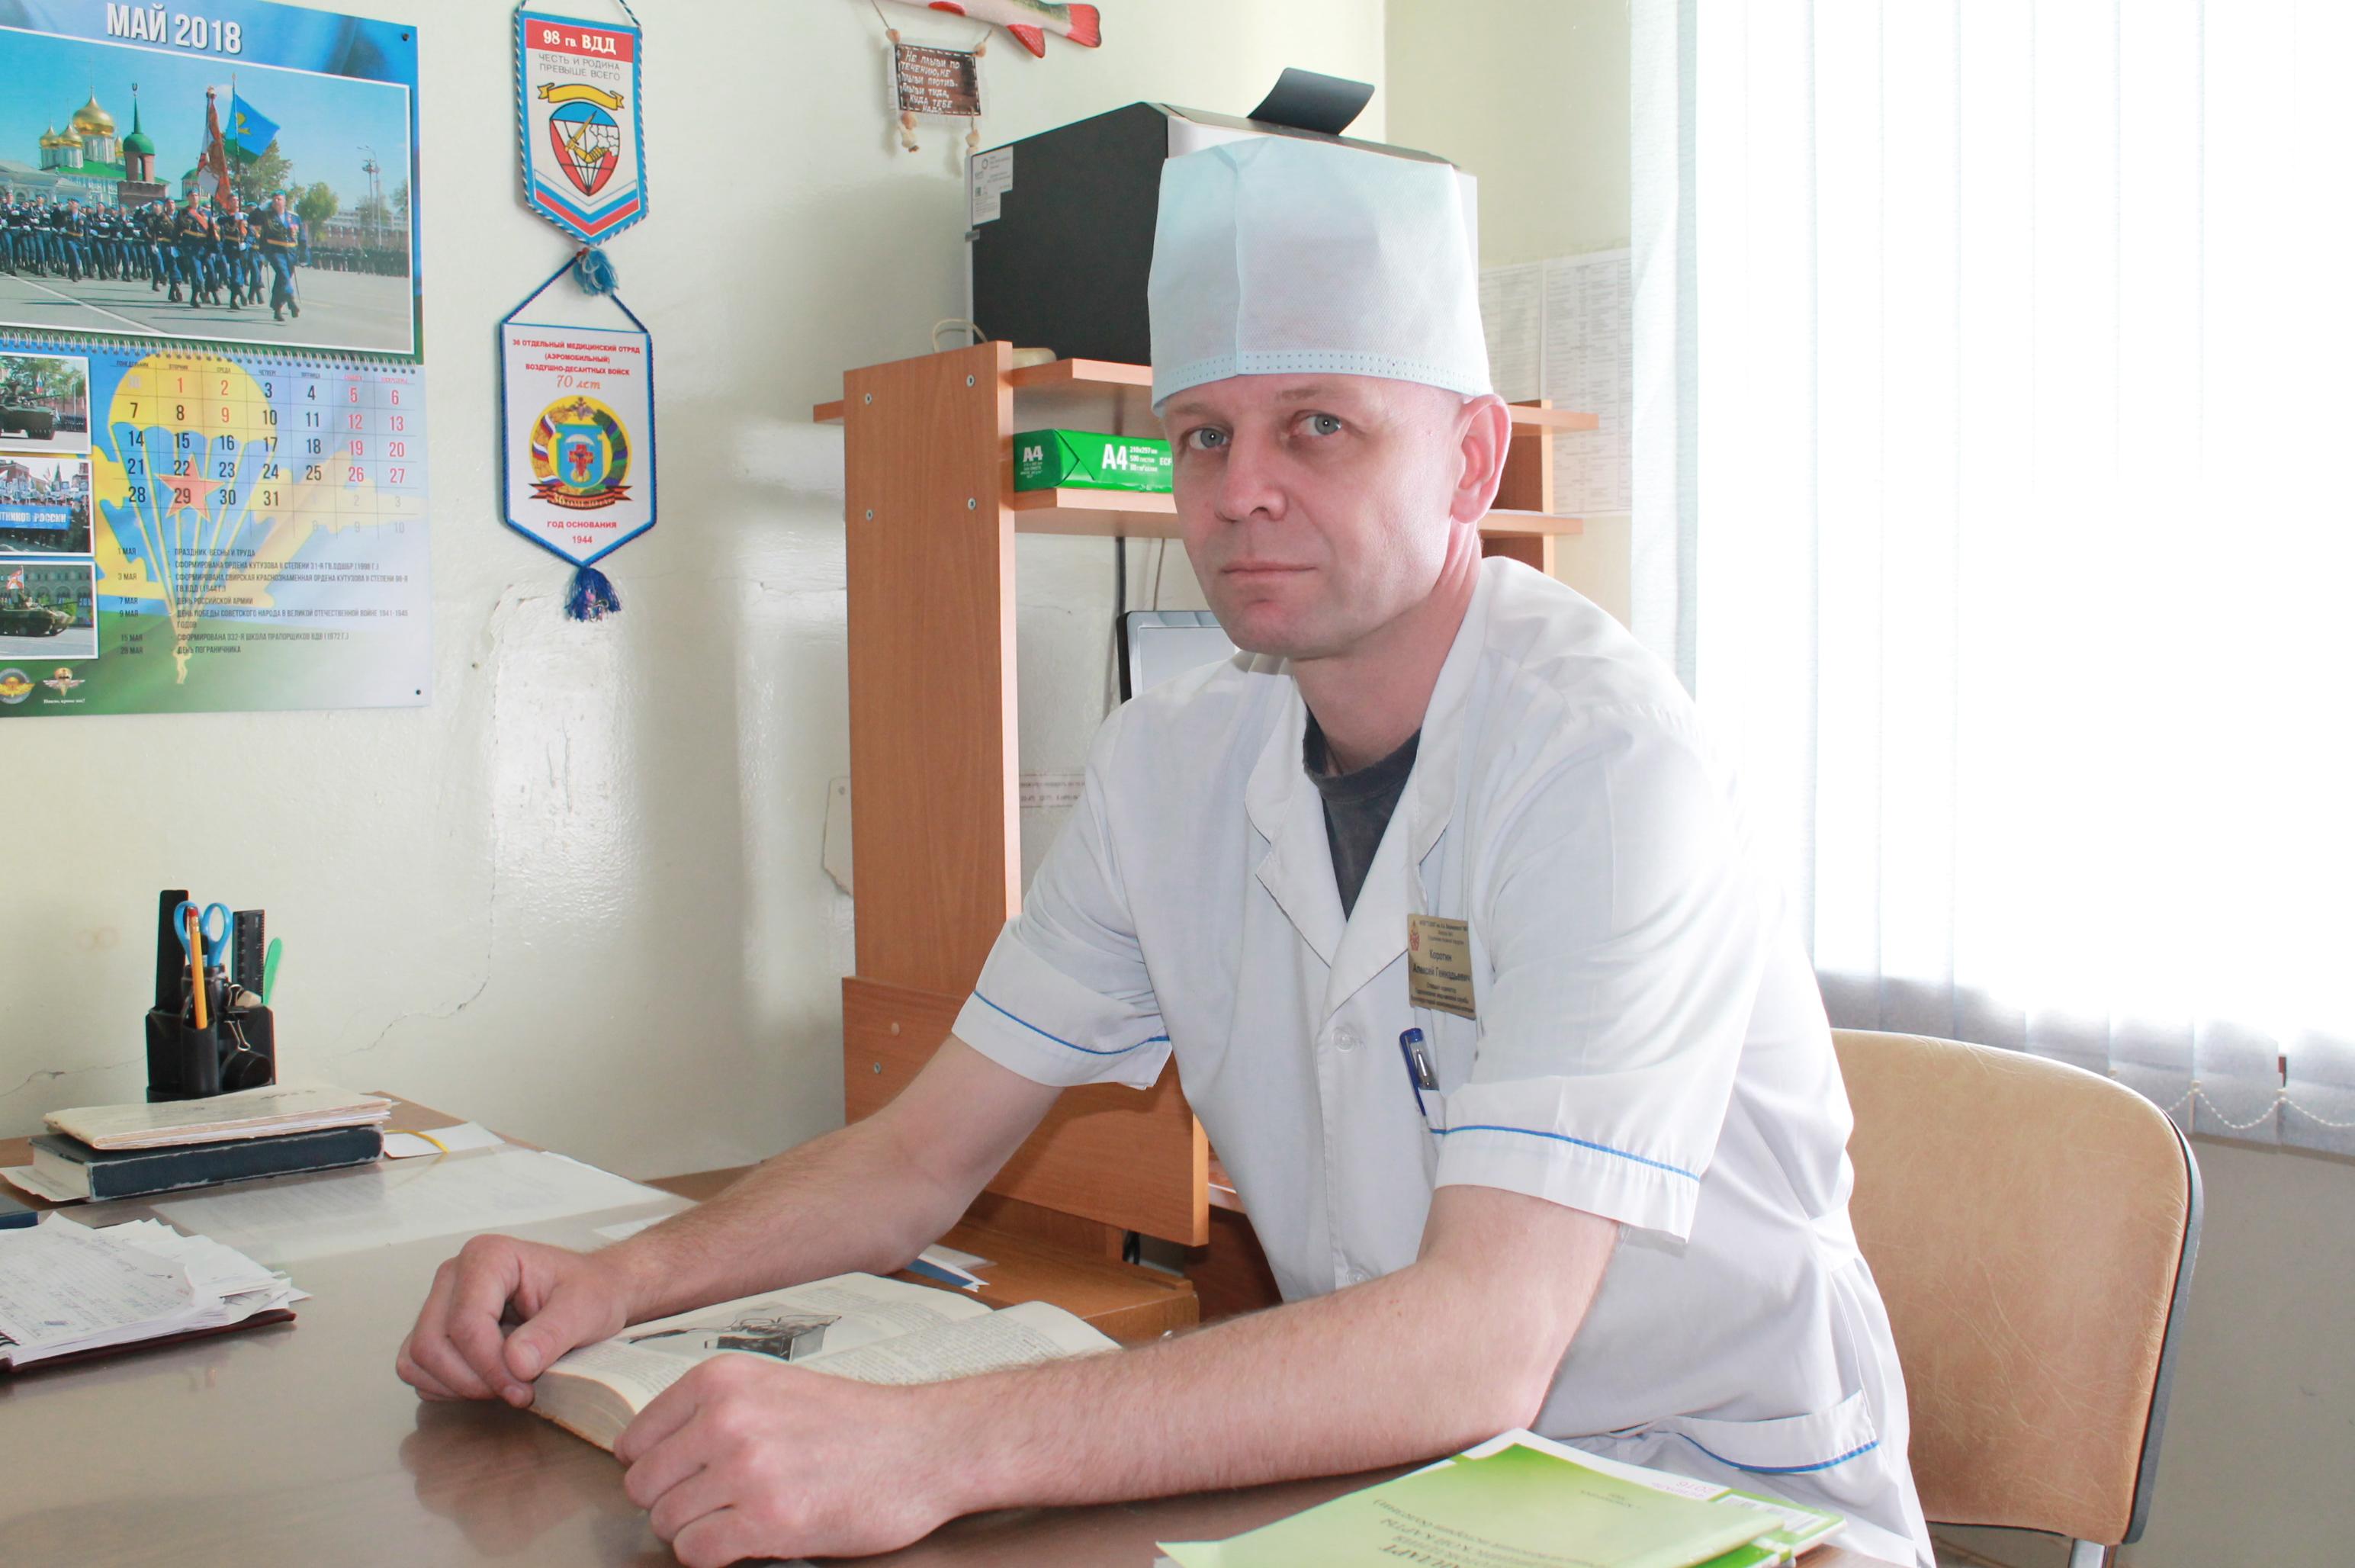 Коротин Алексей Геннадьевич Image